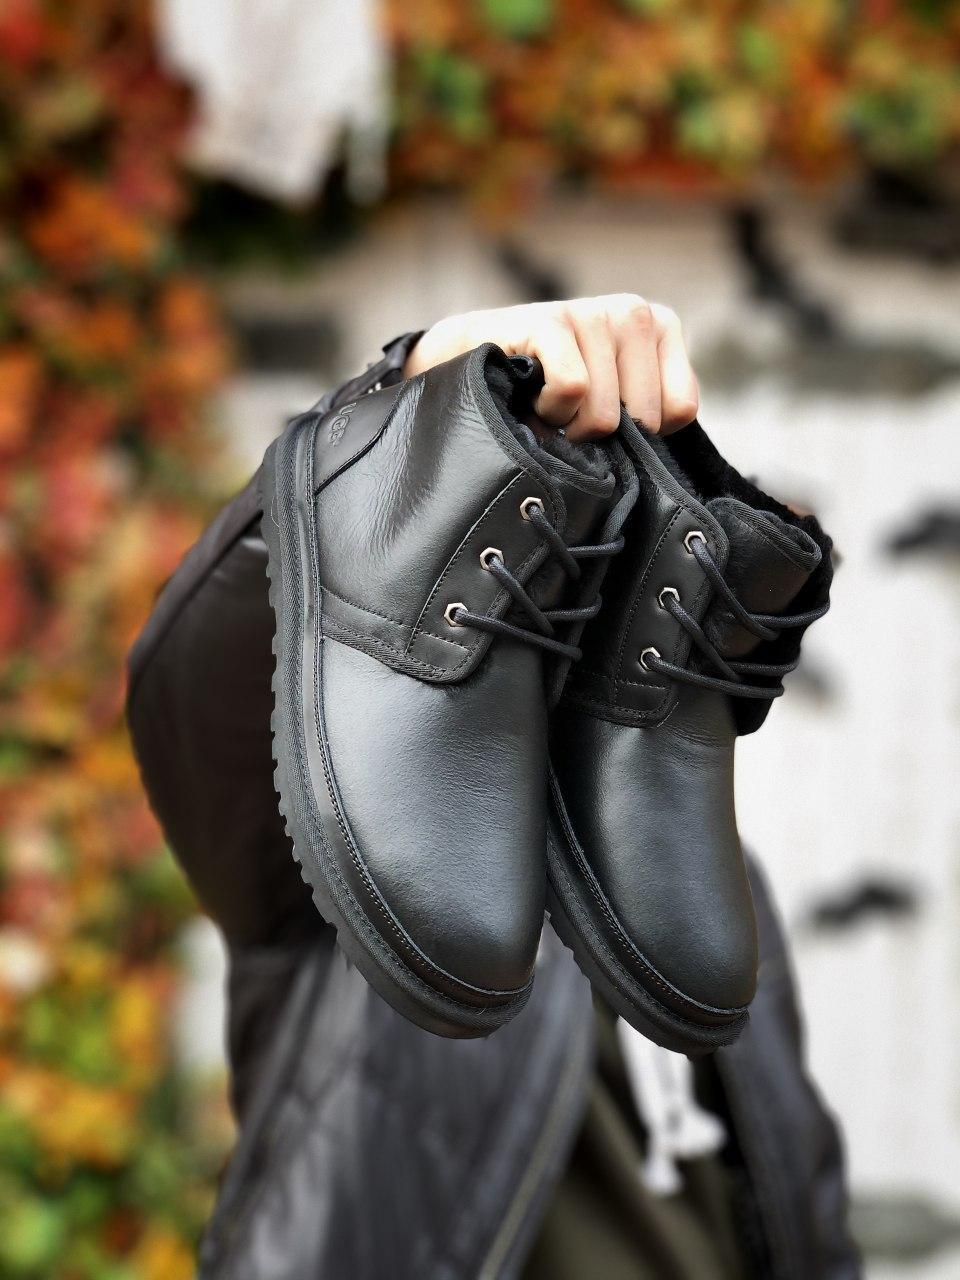 Ботинки мужские Ugg зимние черного цвета. Стильные мужские теплые Угги кожаные черные.